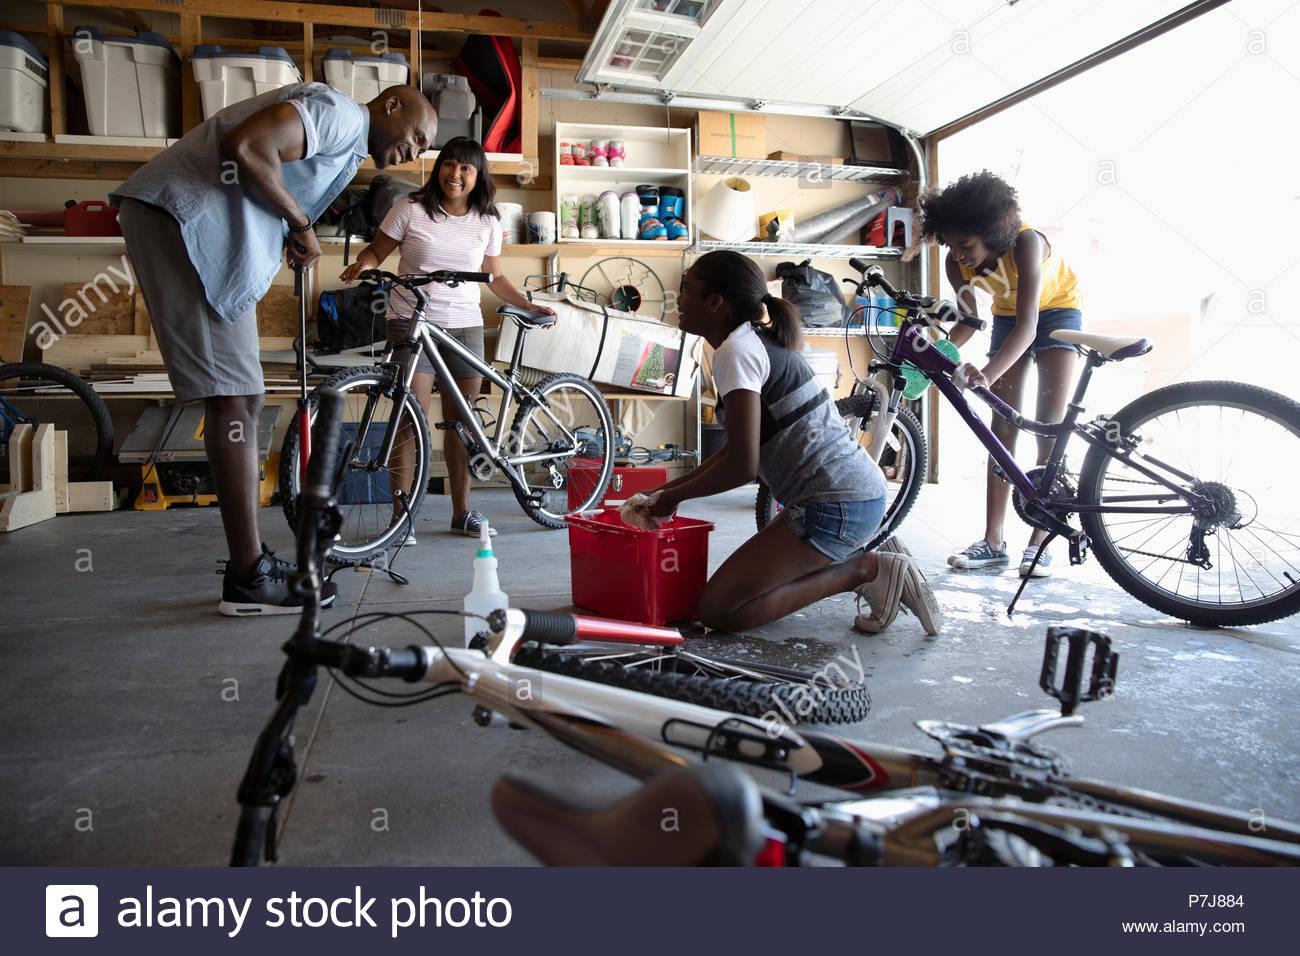 Fijación de la familia de las bicicletas en el garaje Imagen De Stock